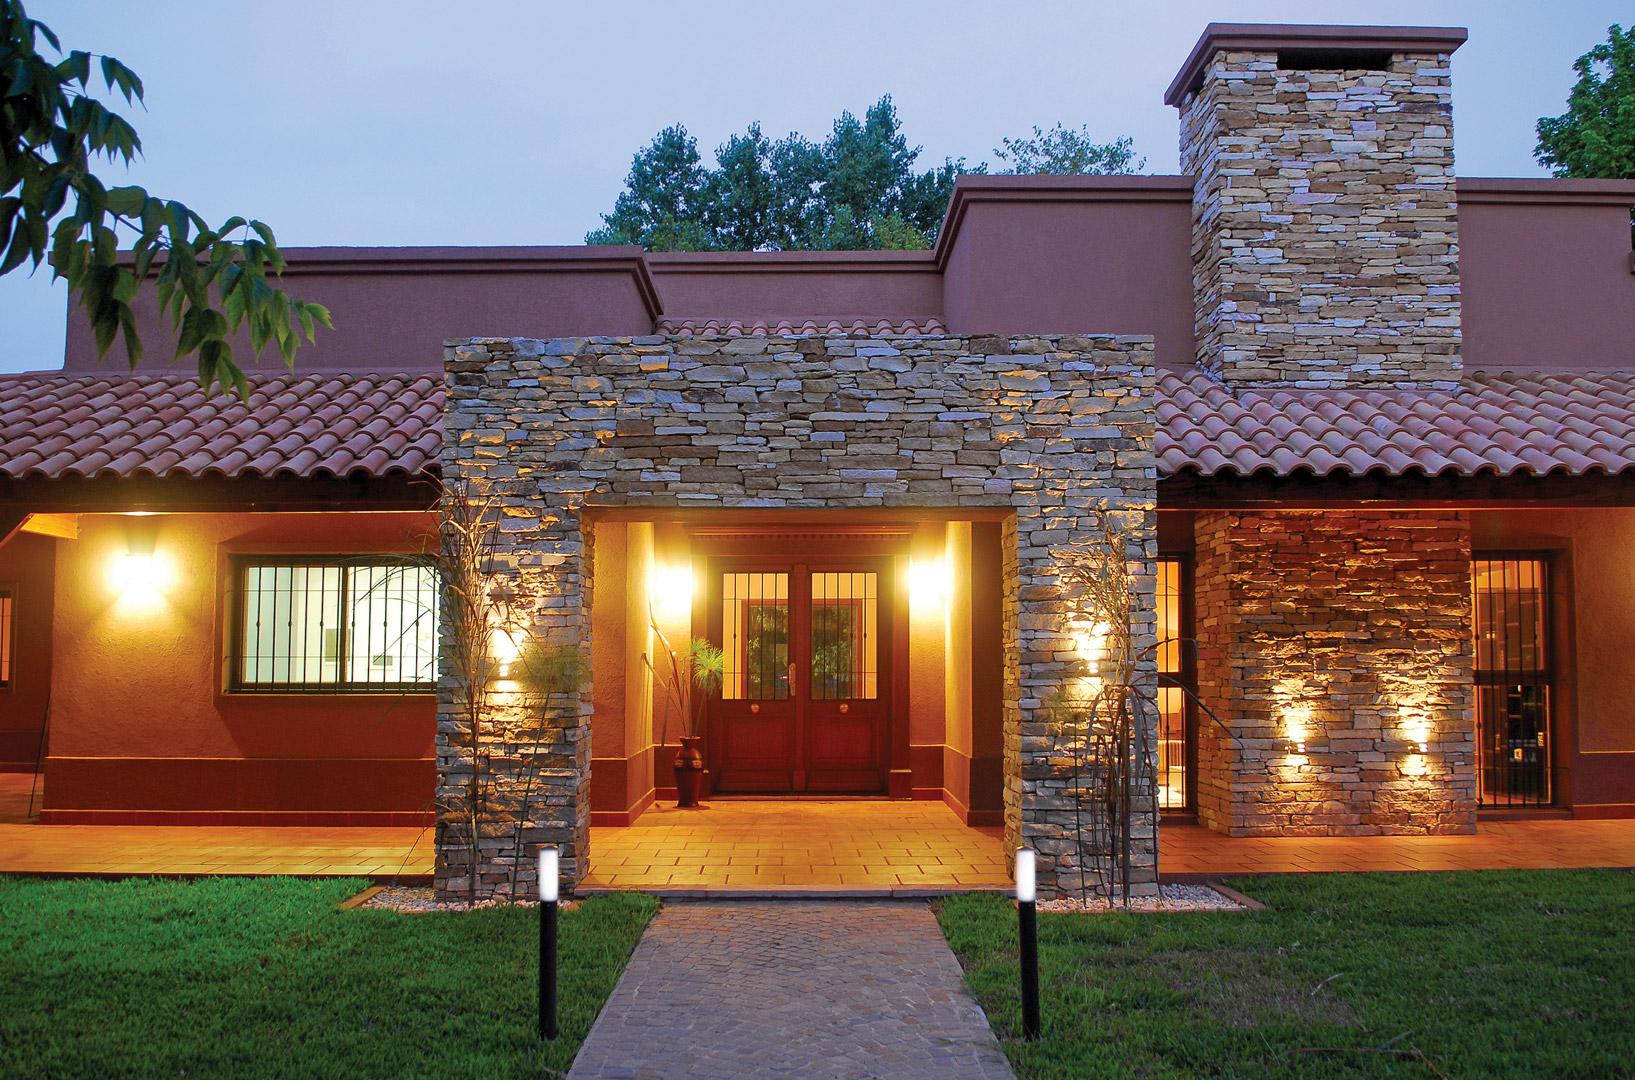 perretta ocampo arquitectura casa estilo campo moderno